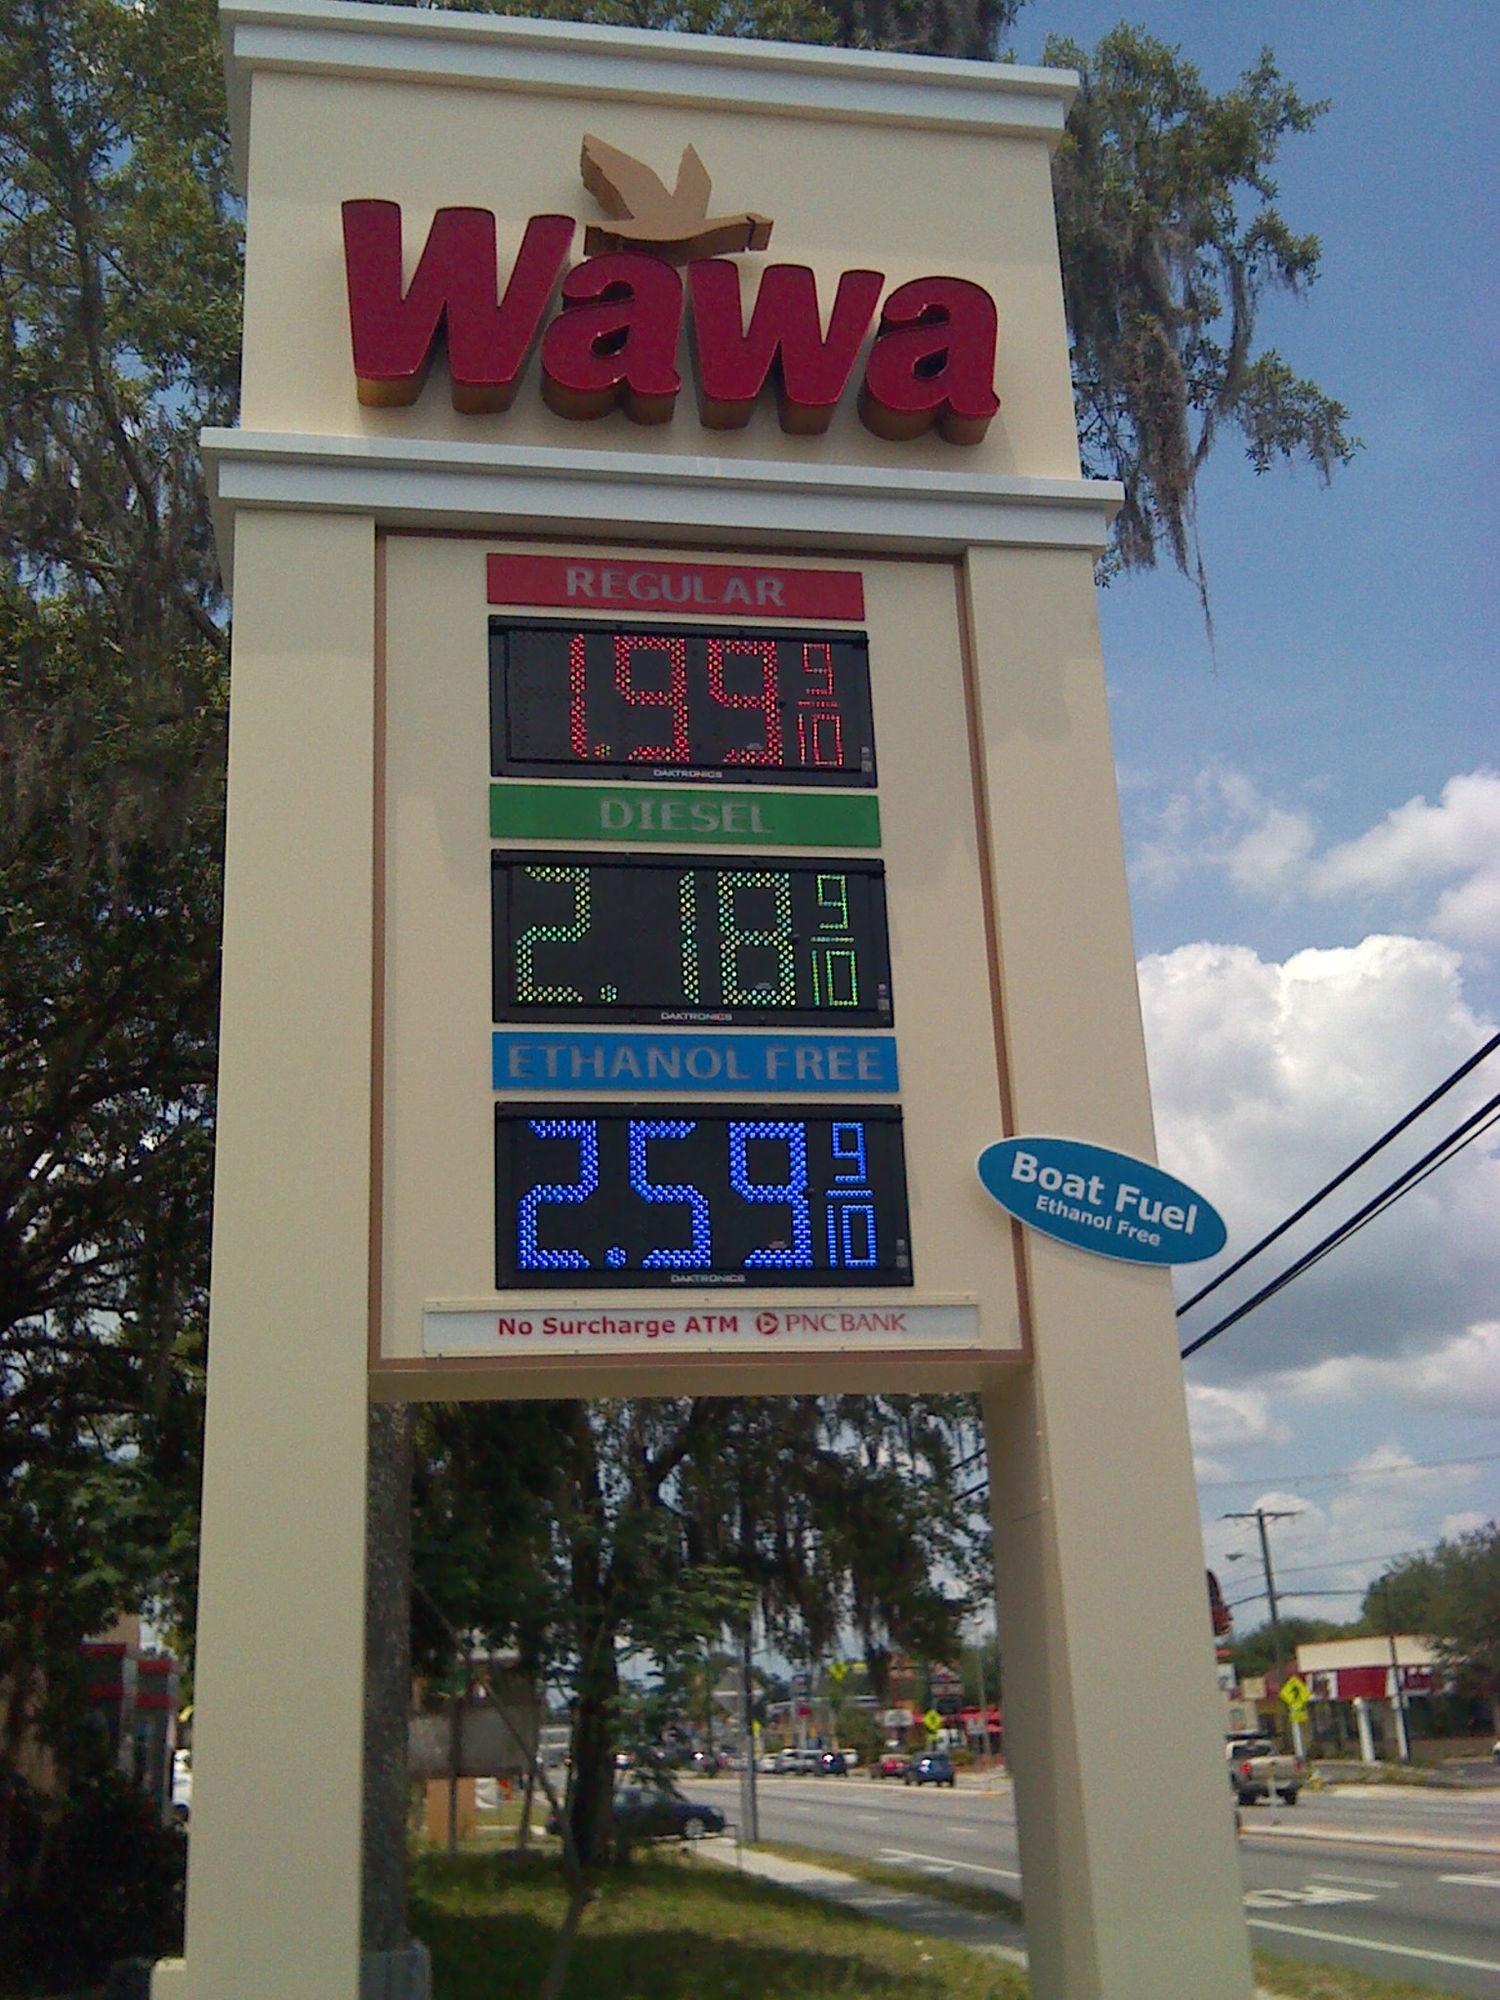 E85 Stations Near Me >> Ethanol free gas? - Page 3 - CorvetteForum - Chevrolet Corvette Forum Discussion